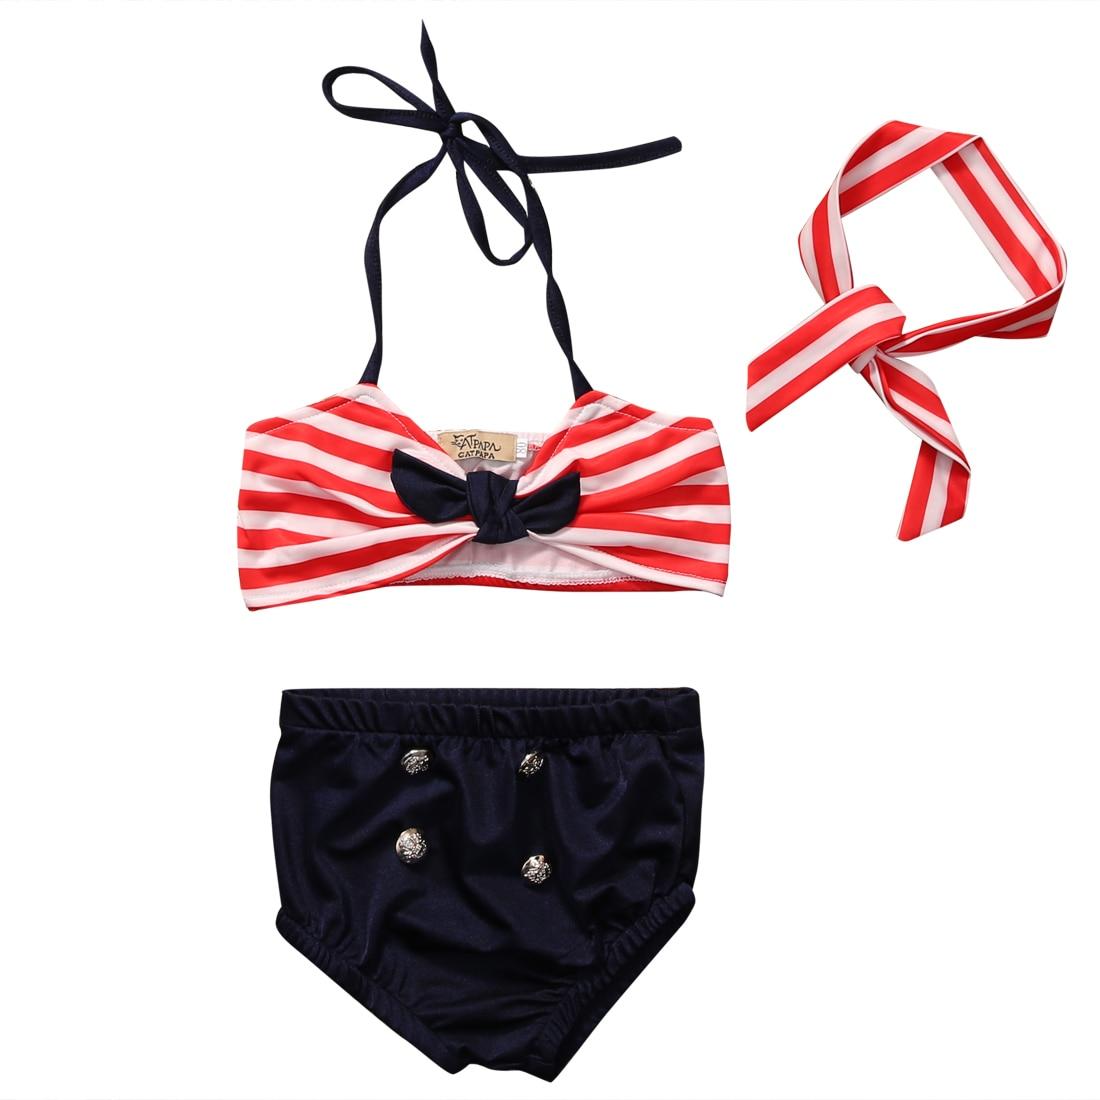 2017 nové batole děti holčičky oblečení soupravy plavky plavky - Dětské oblečení